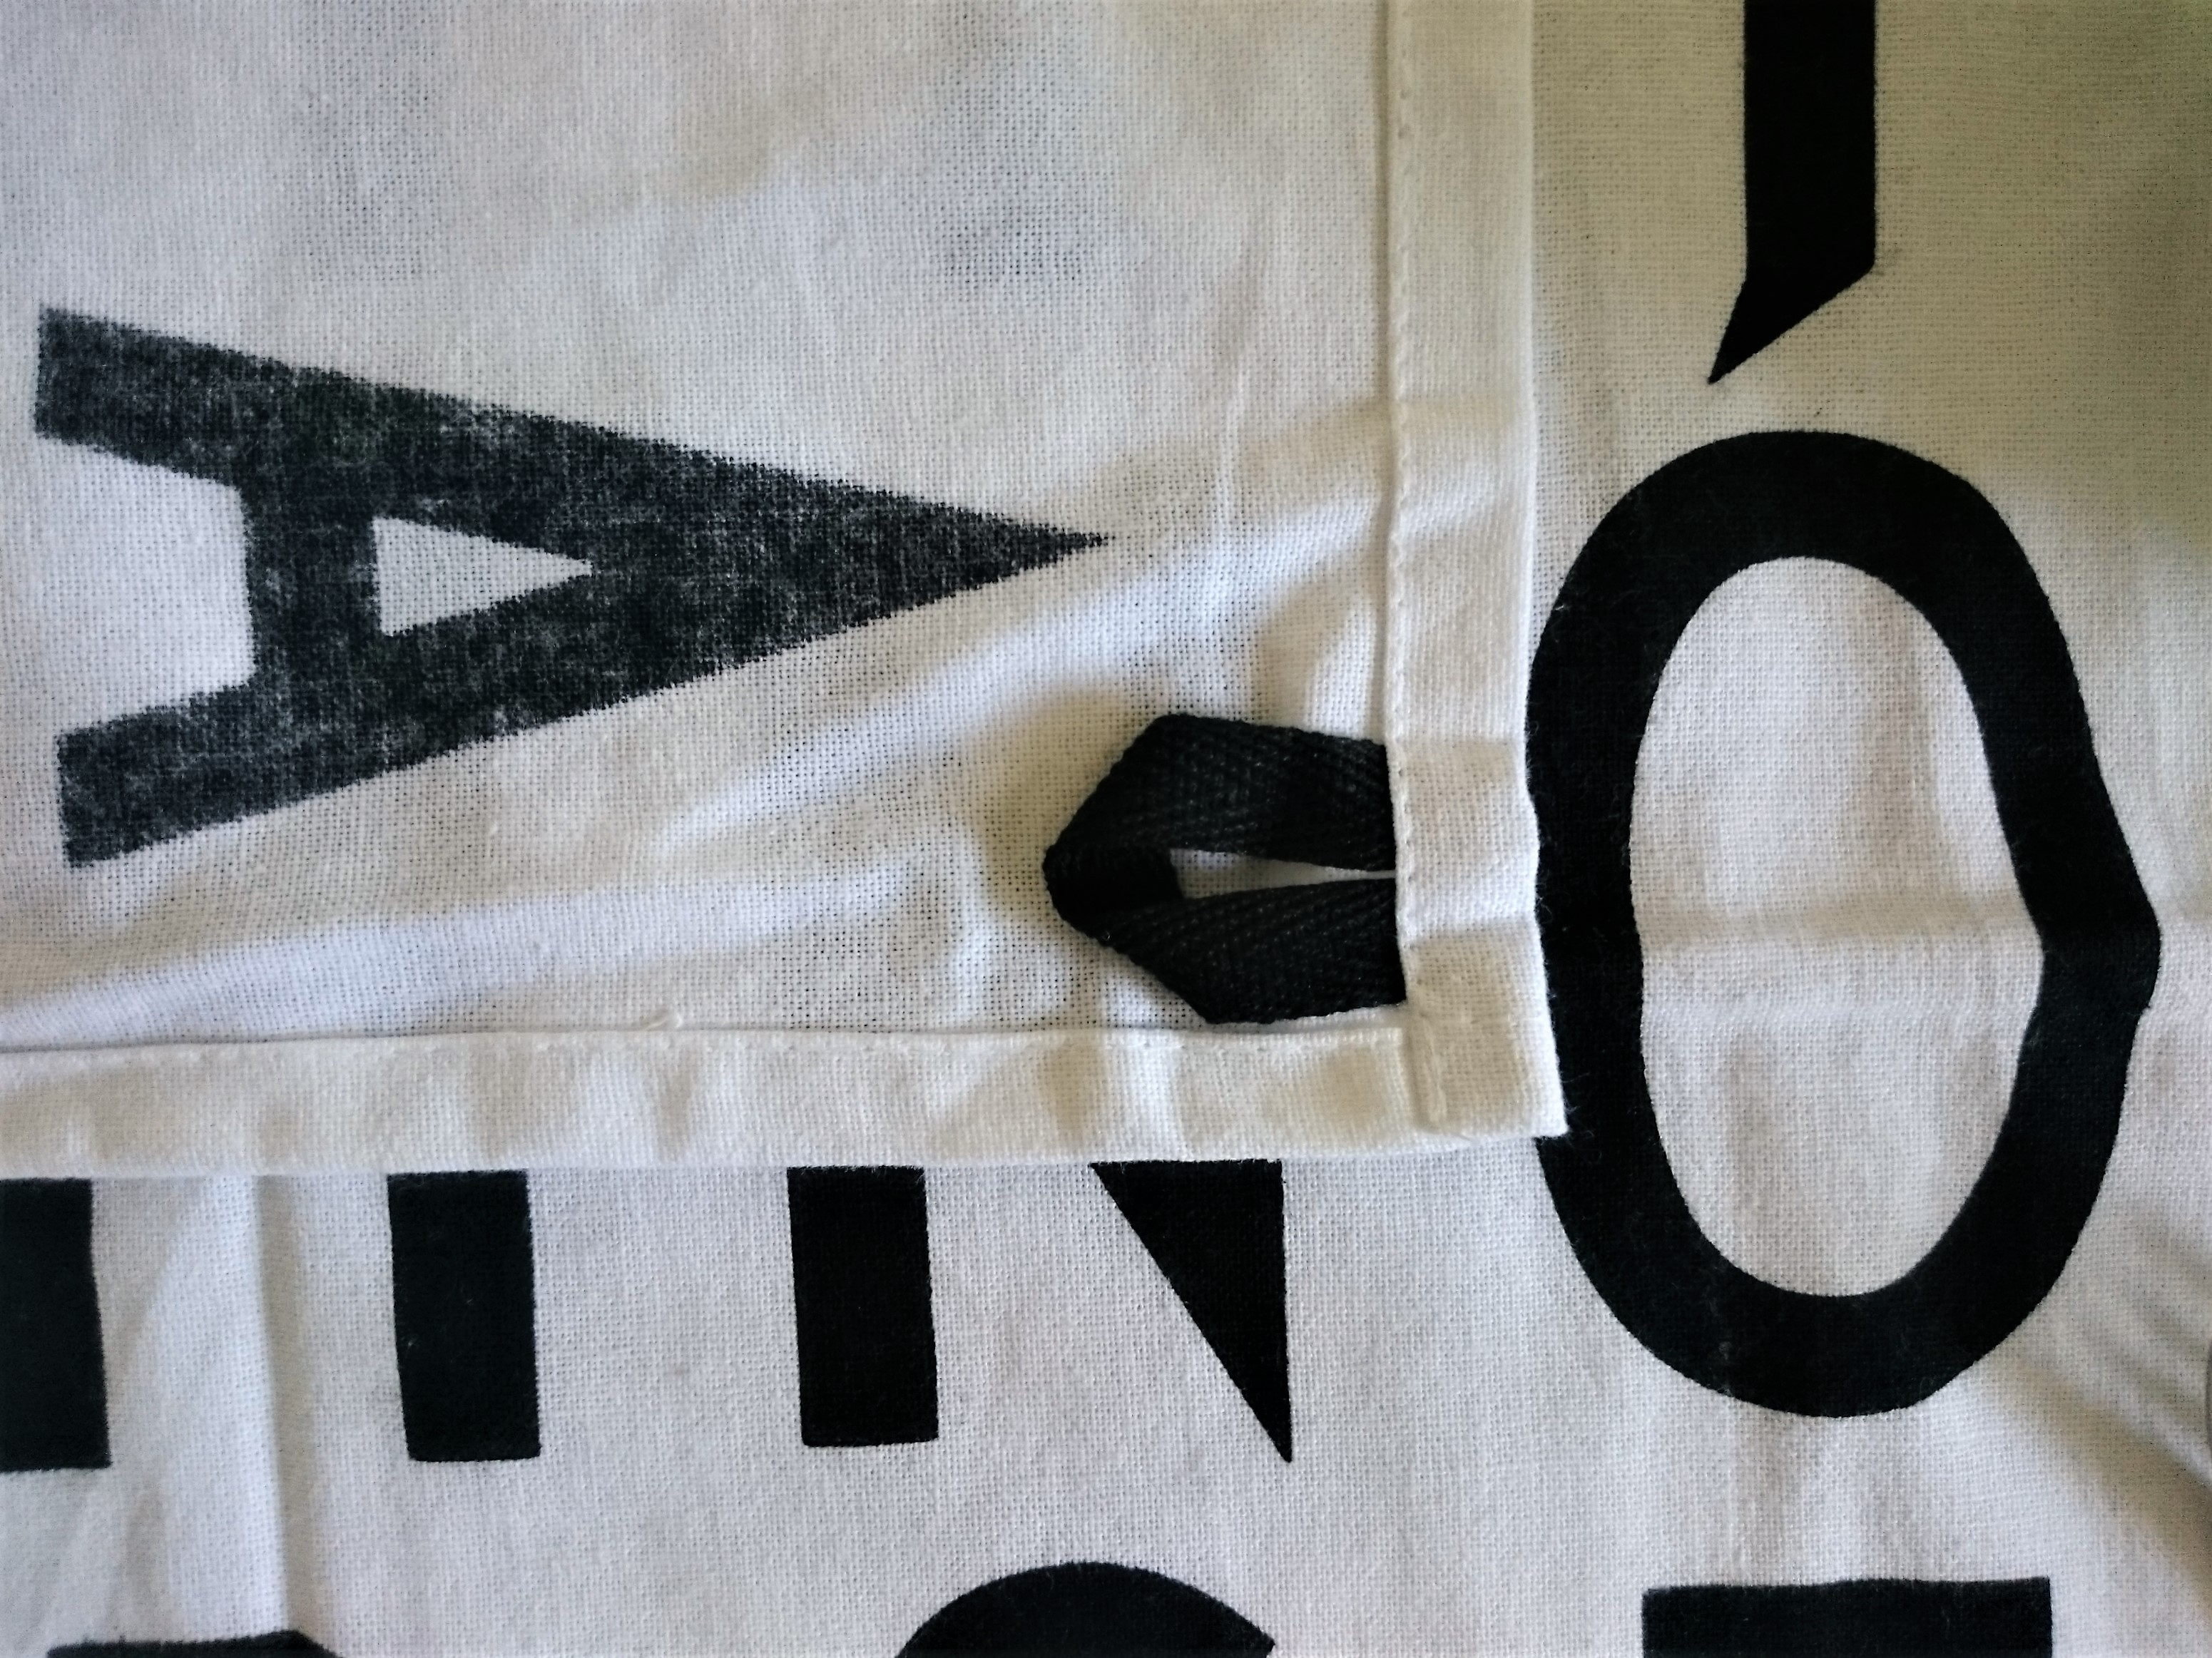 ティータオル/ デザインレターズ / Arne Jacobsen (1枚)